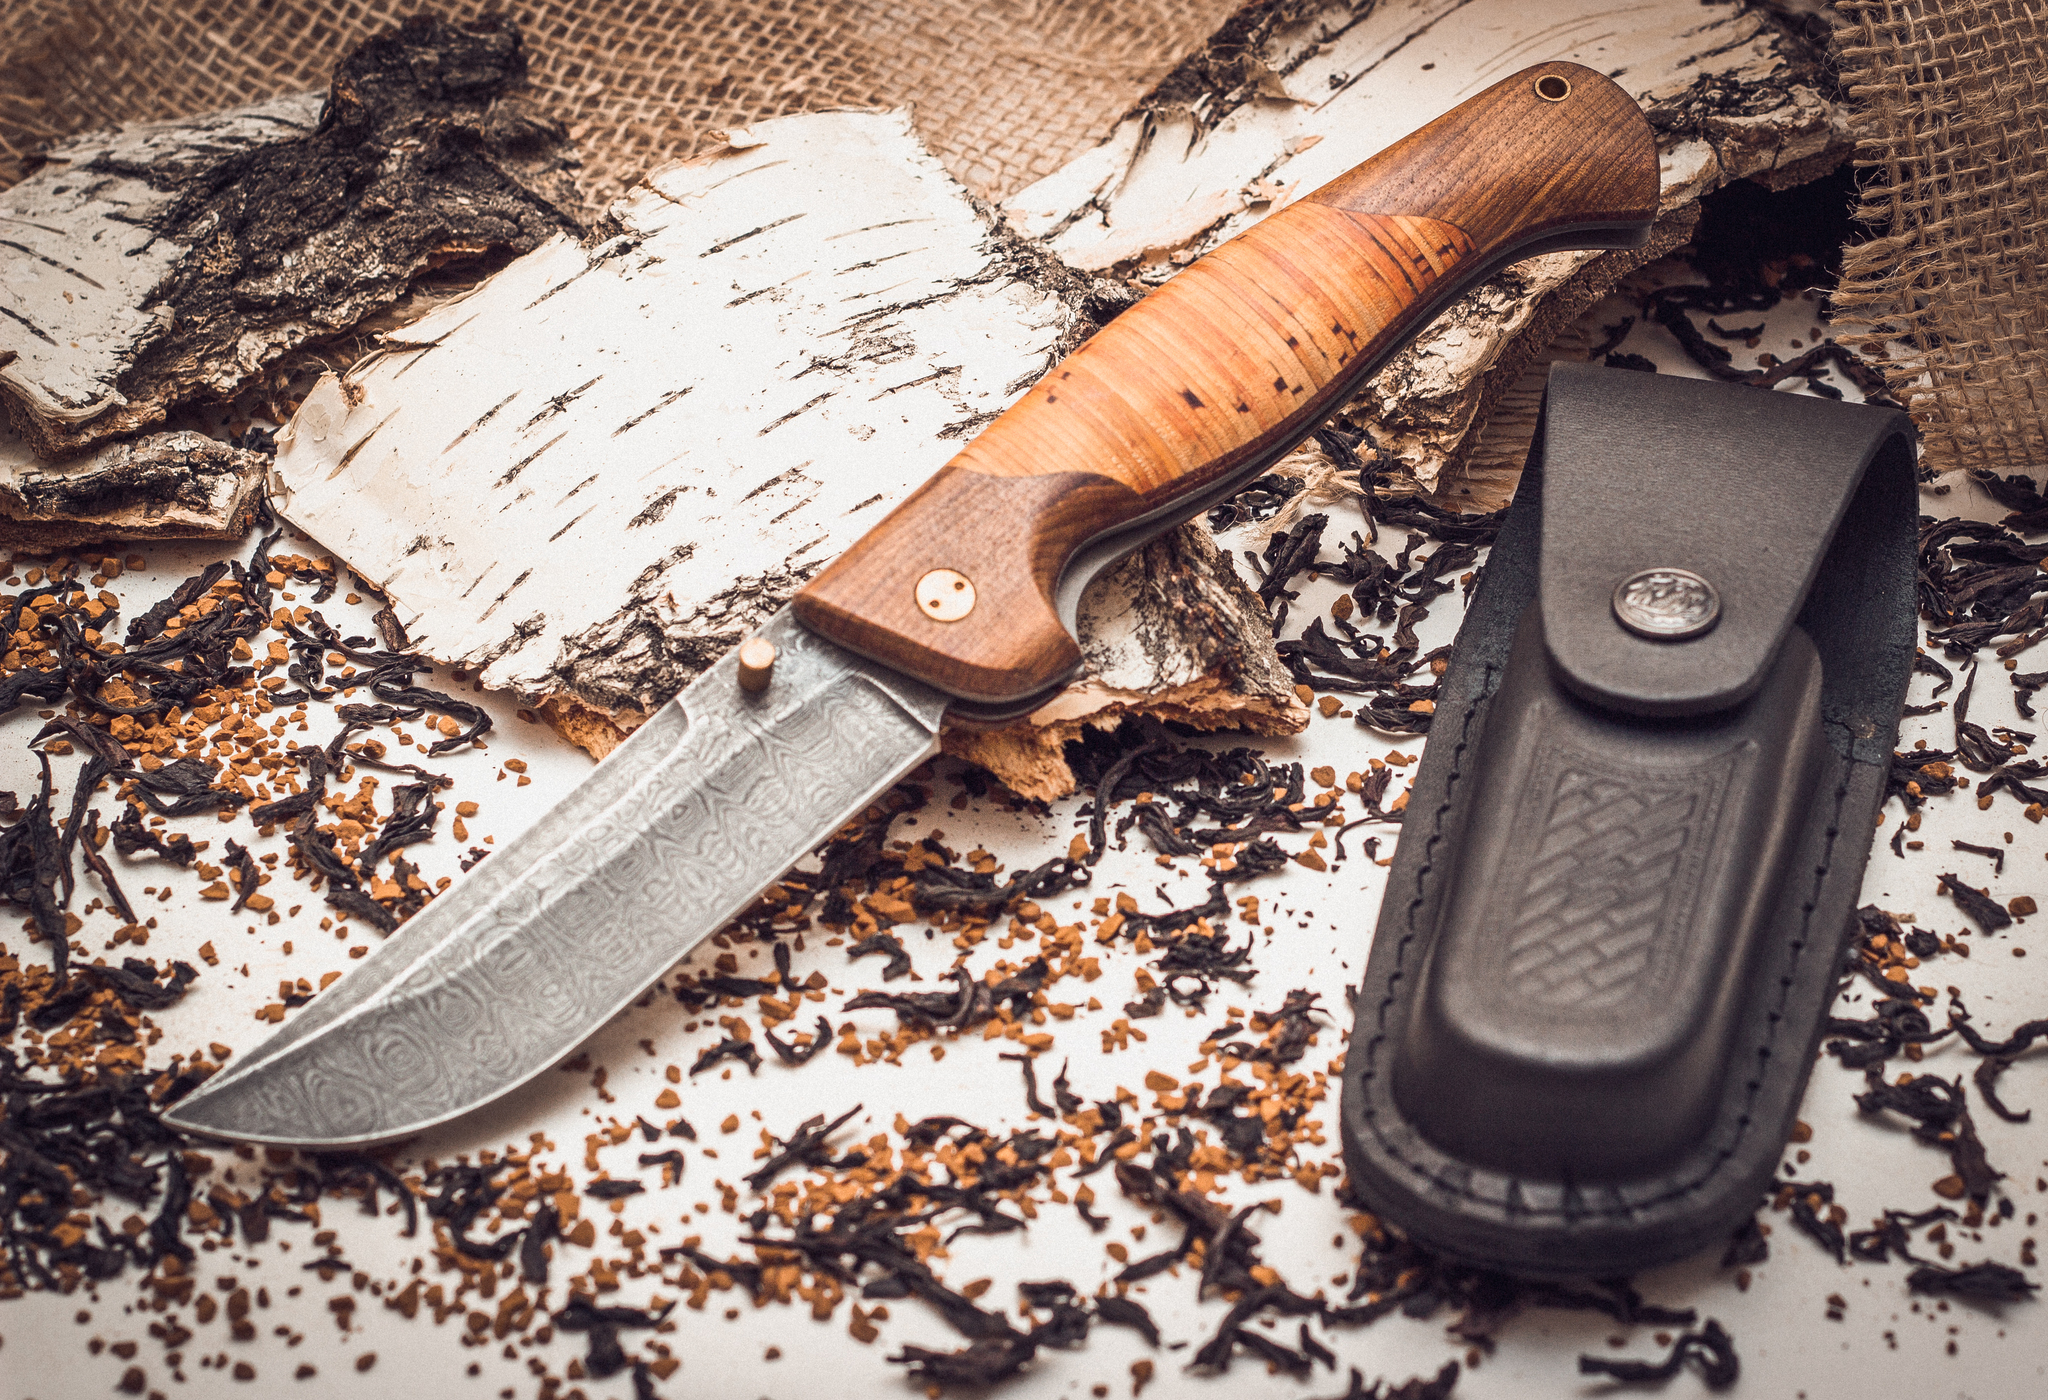 Фото 3 - Складной нож Страж 2, дамаск, береста от Марычев